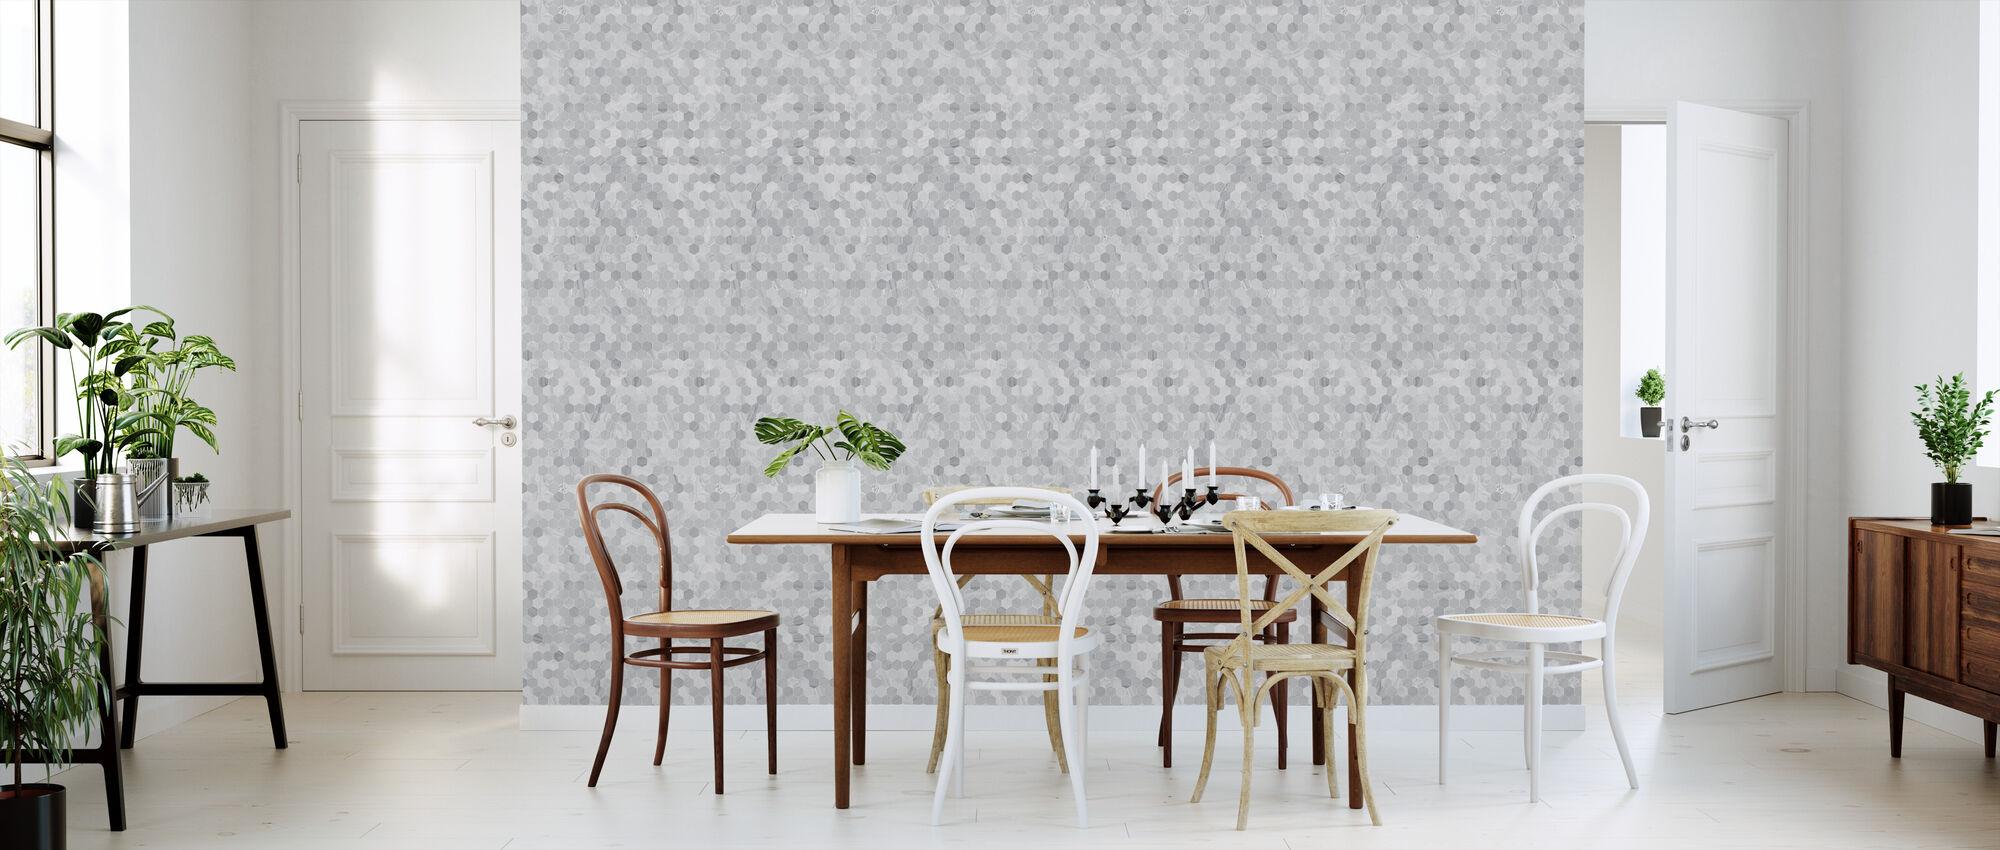 Octagon - Grey - Wallpaper - Kitchen